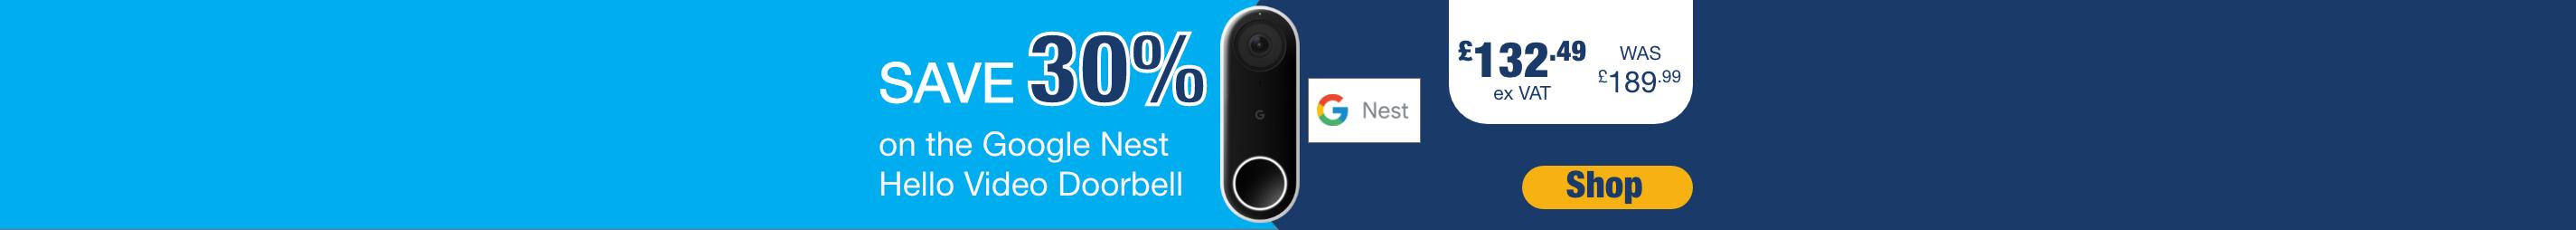 Save 30% on Google Nest Hello Video Doorbell